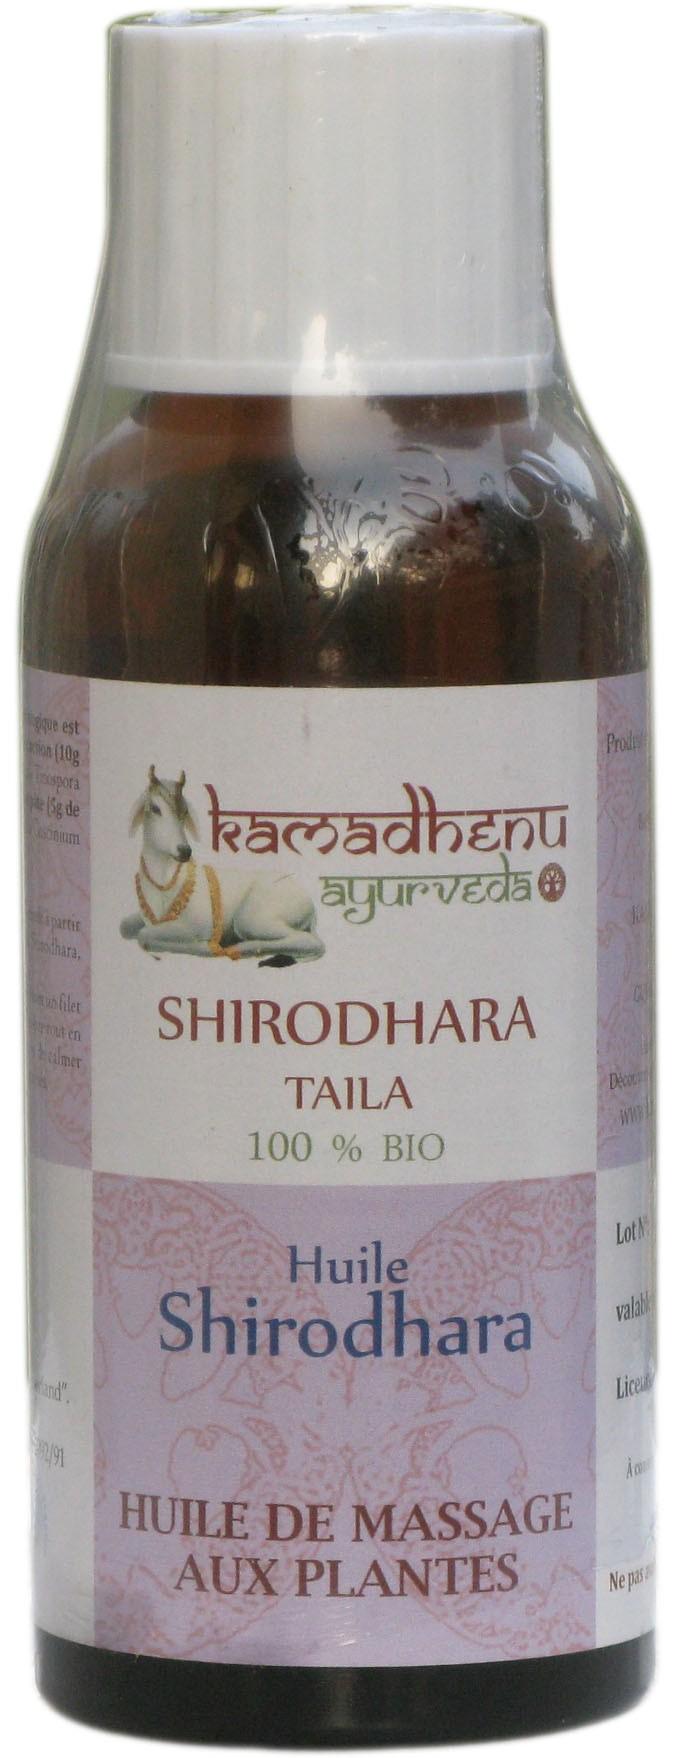 Gopala Ayurveda SHIRODHARA taila BIO